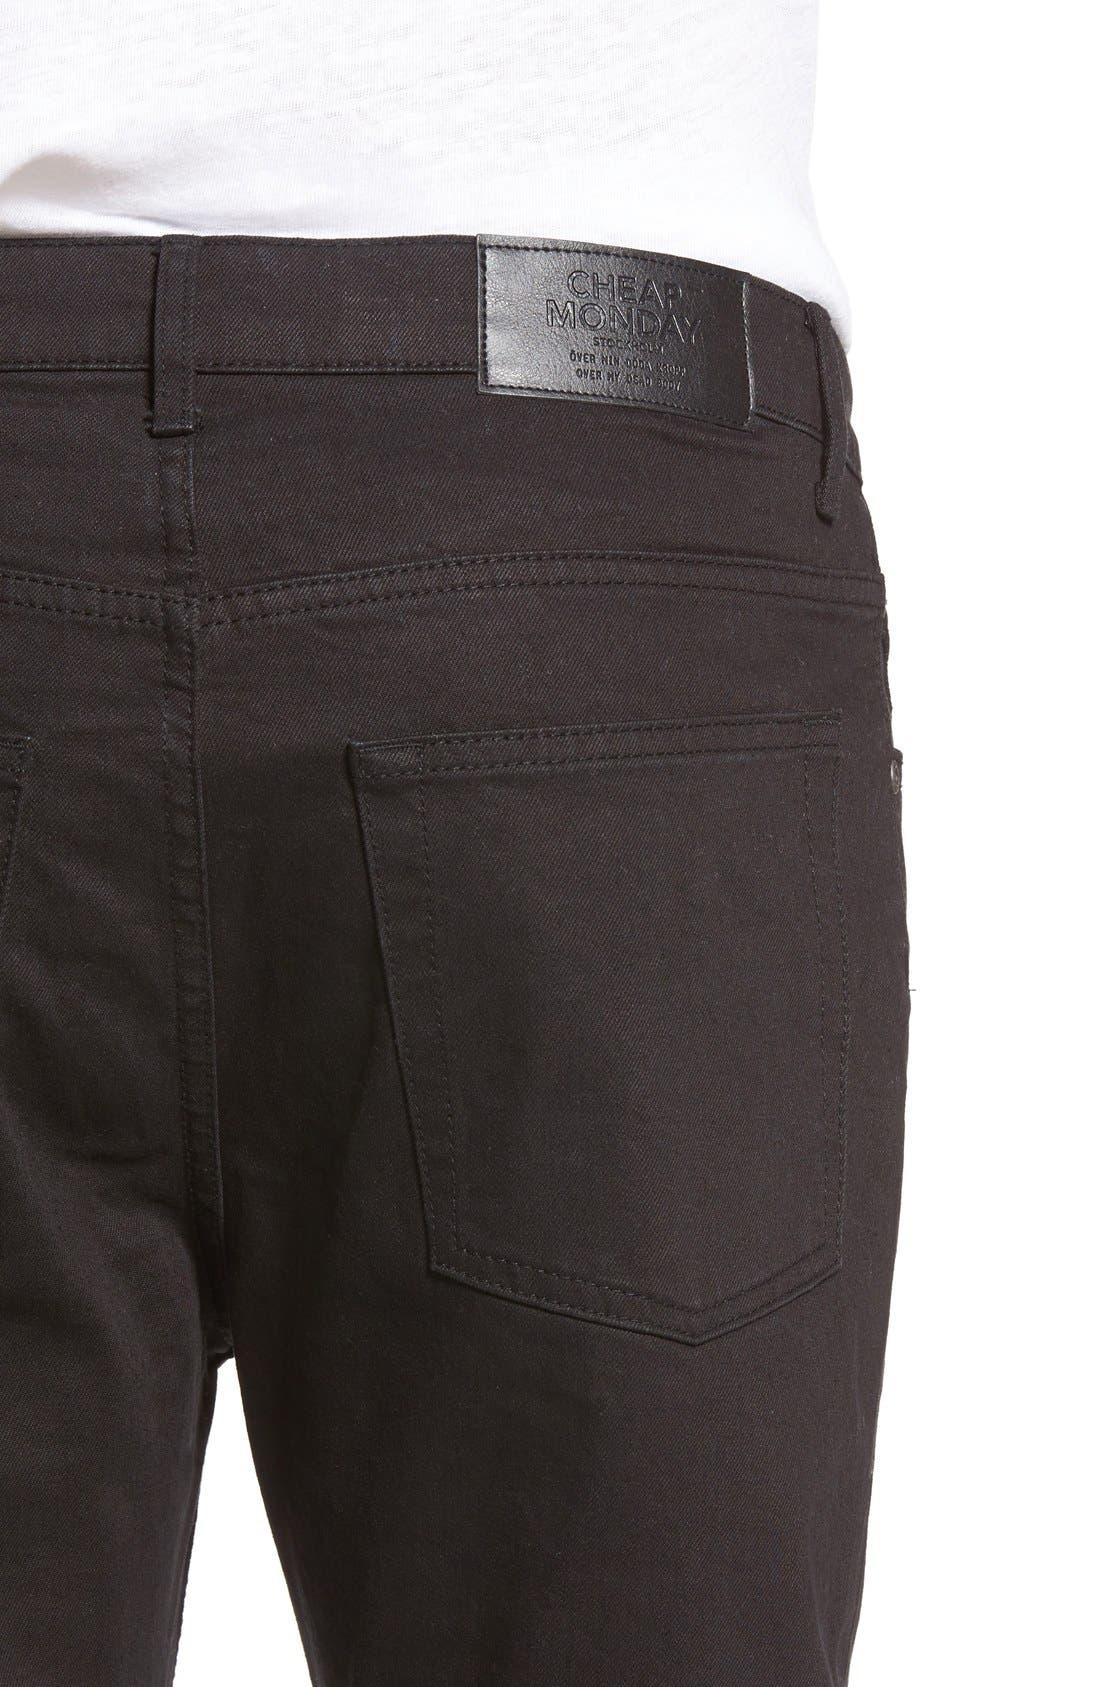 CHEAP MONDAY,                             Sonic Slim Fit Jeans,                             Alternate thumbnail 8, color,                             001